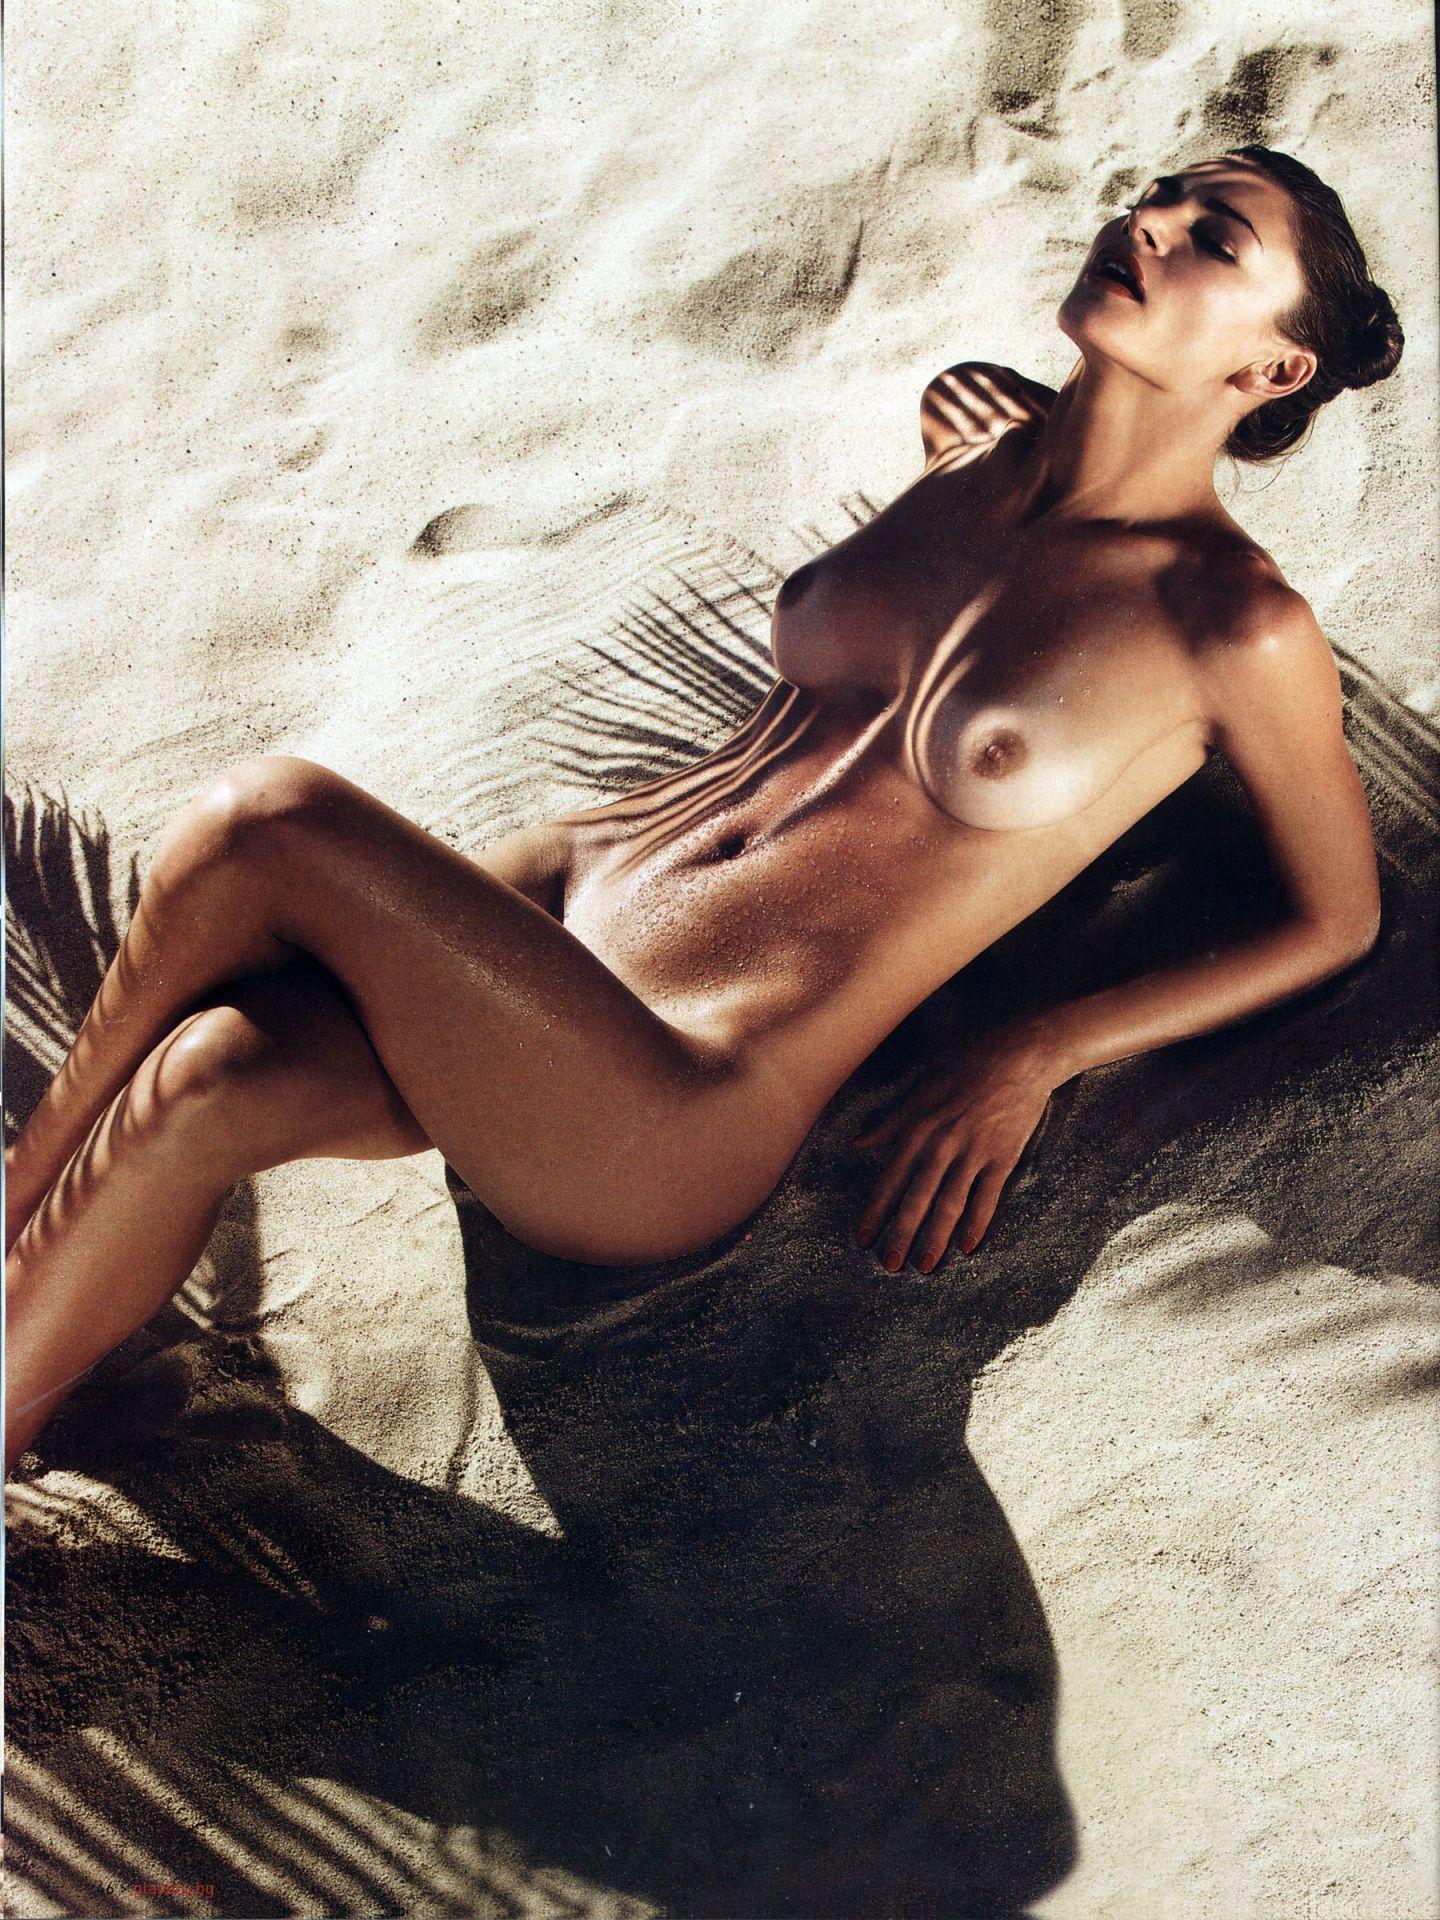 Nude Pics Of Samantha Tar...